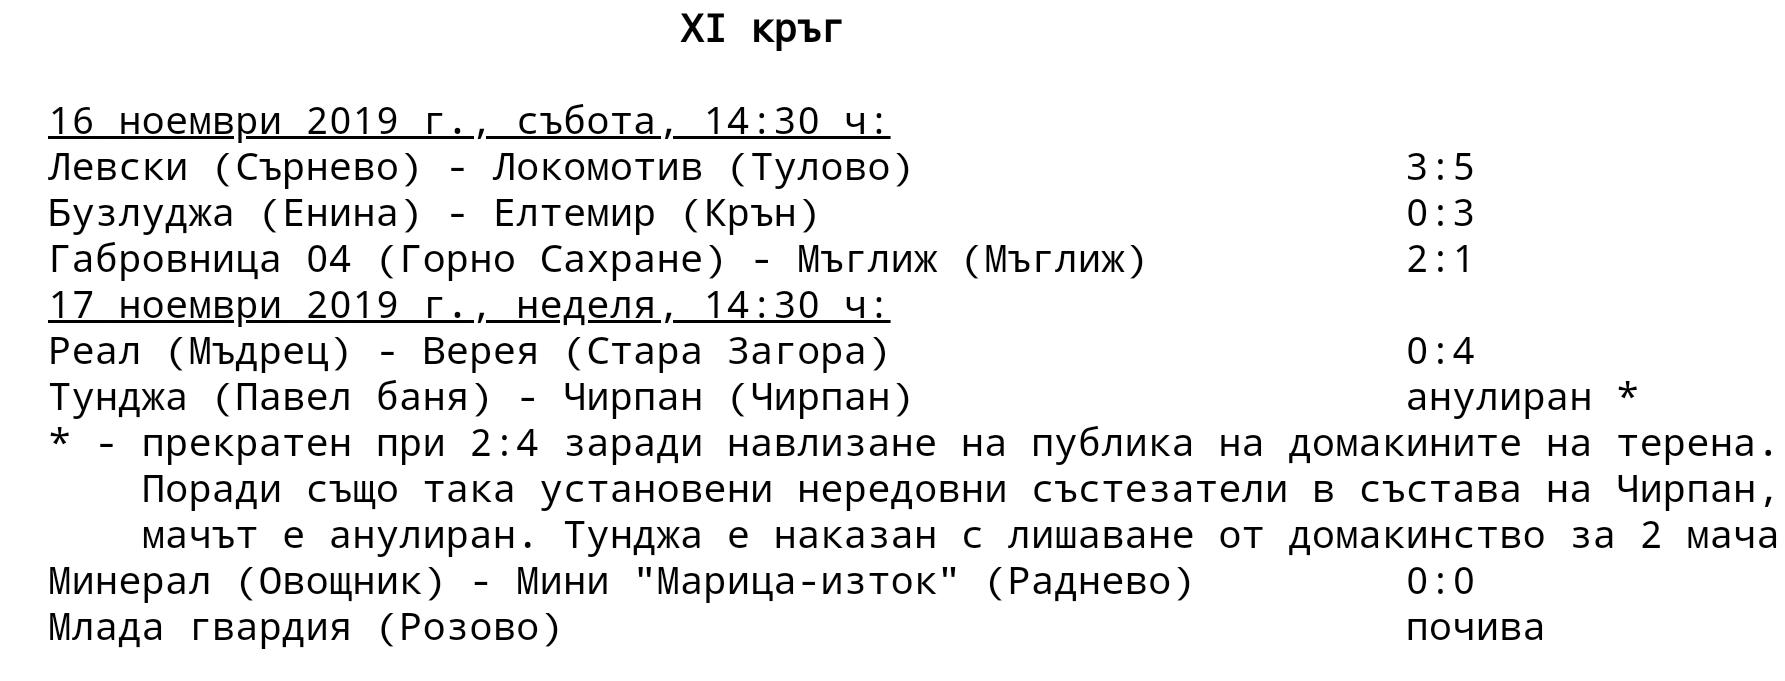 ОБЛАСТНА ГРУПА - 2019-20